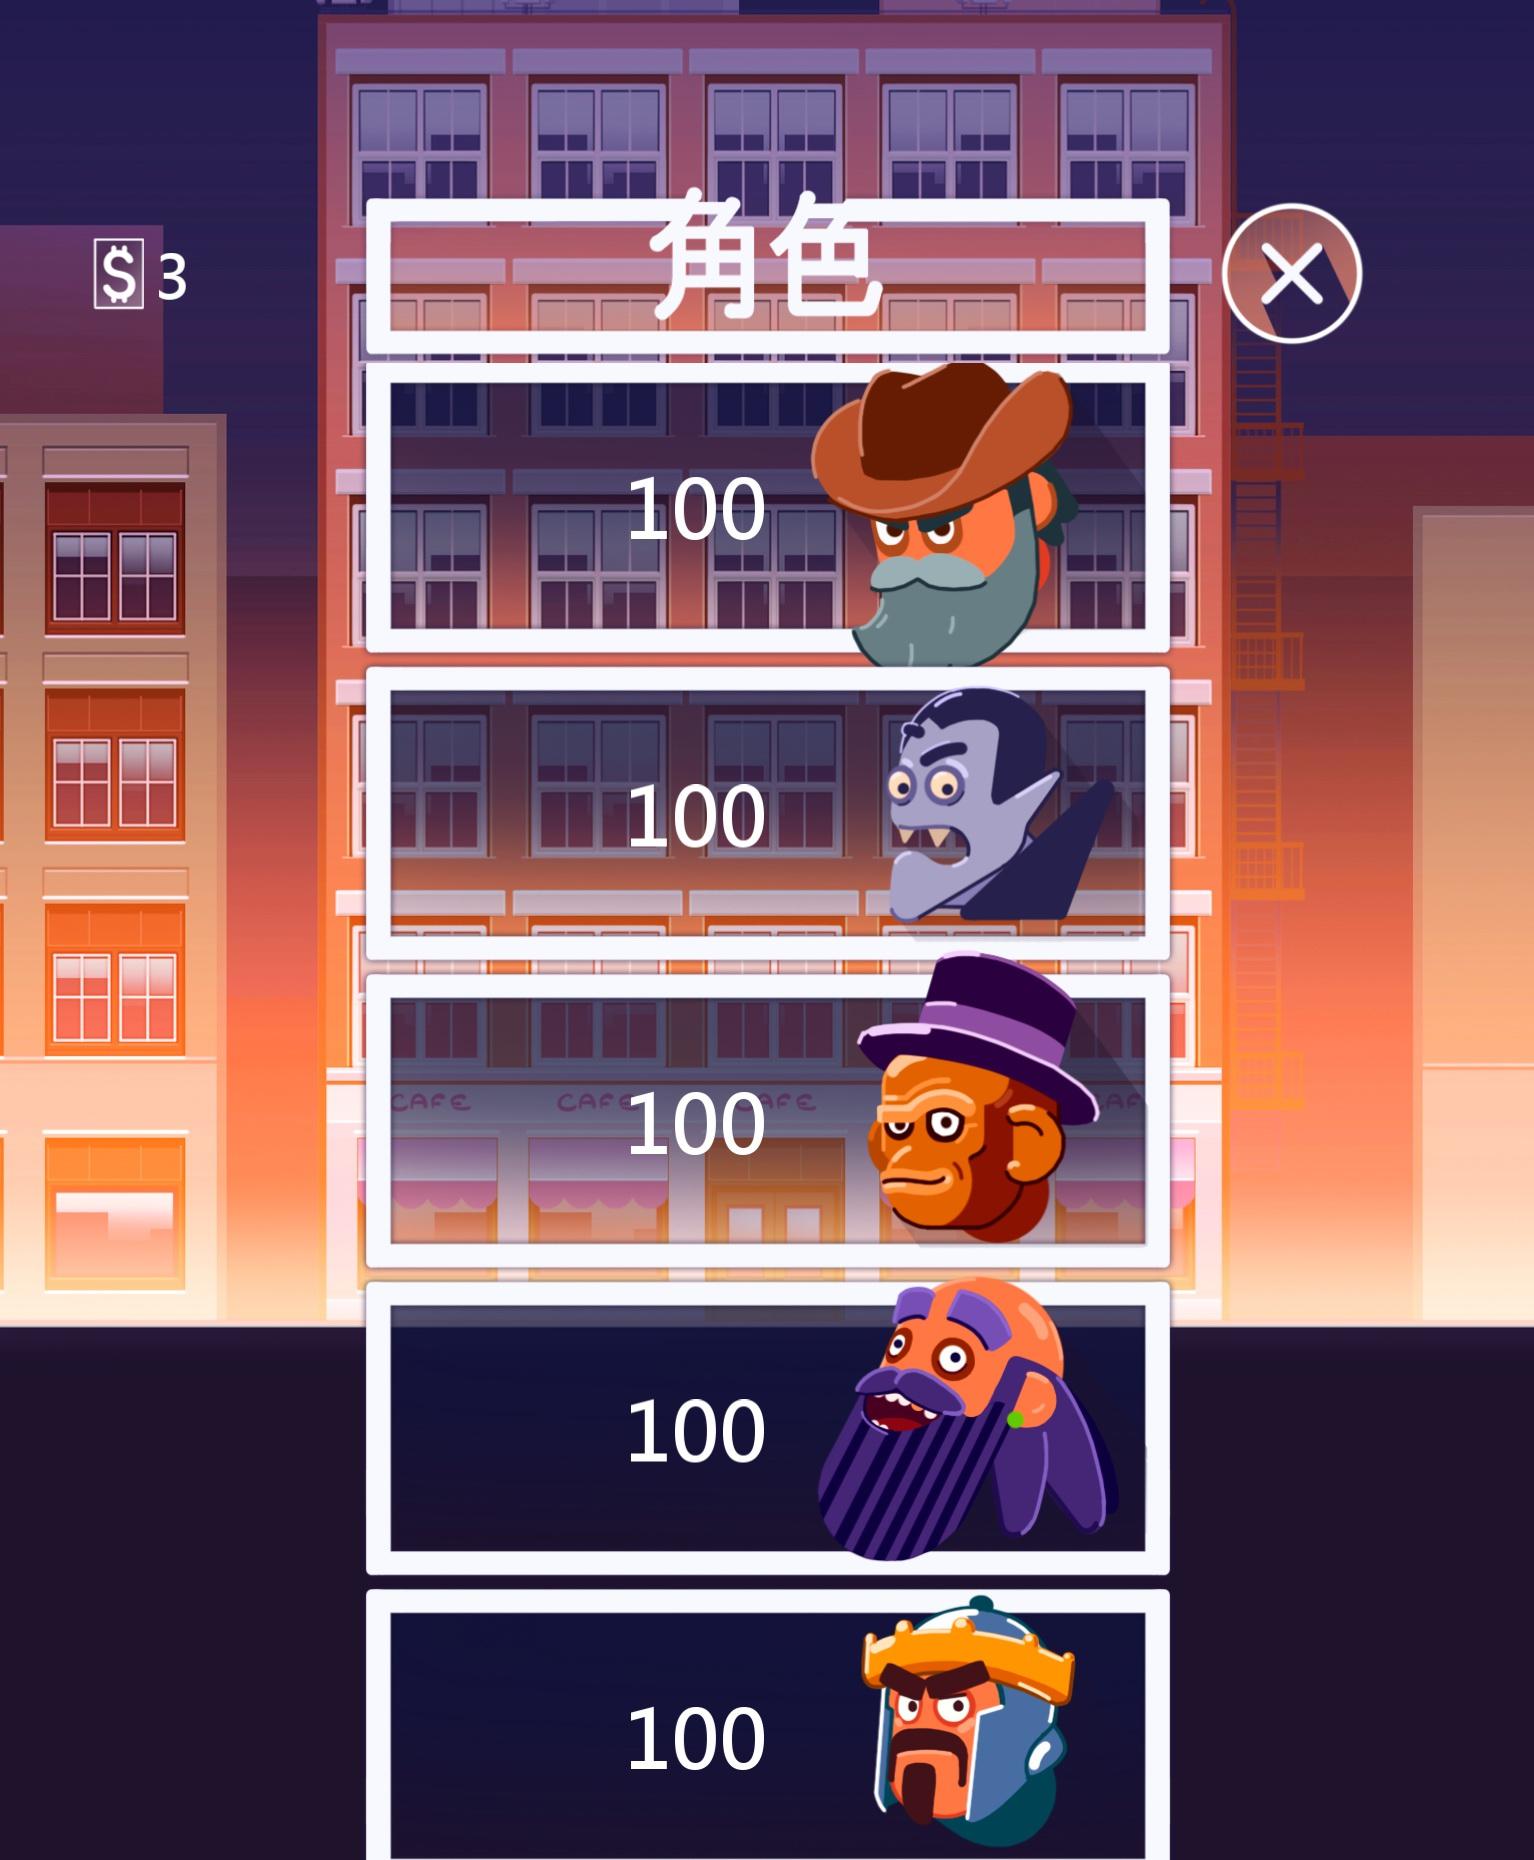 《撞大运》本身的游戏背景就是讲城市遭受了无厘头的攻击而重创,而你控制的角色只能躲开天上掉下的奇怪东西靠自己闯出一条血路了??孔约捍吵鲆惶跹仿??明明是在大楼下面来回转悠,是死路好吗! 游戏的玩法非常简单,点击屏幕的任意位置一下,在大楼下来回奔跑中的小人就会加速冲一下而从楼上会掉下来一些形状古怪的炸弹和激光有些炸弹是垂直掉落的,激光是每隔一秒发射一次连续发射3次,而还有些奇奇怪怪的炸弹是追踪弹。 游戏很难,很虐心,和炸弹遭遇时是加速跑两步还是让角色慢慢拖延着跑,还是很考验人的快速判断力的。 游